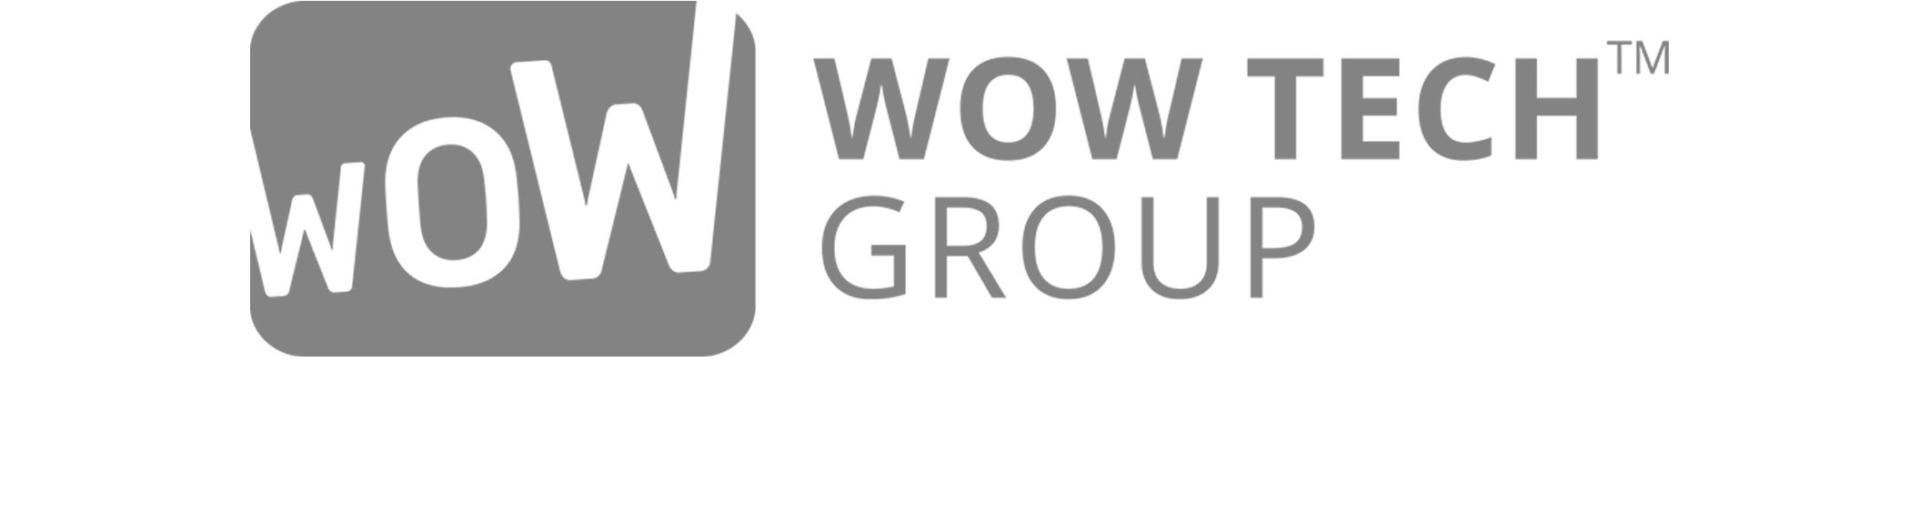 wowtechwomanizer logo